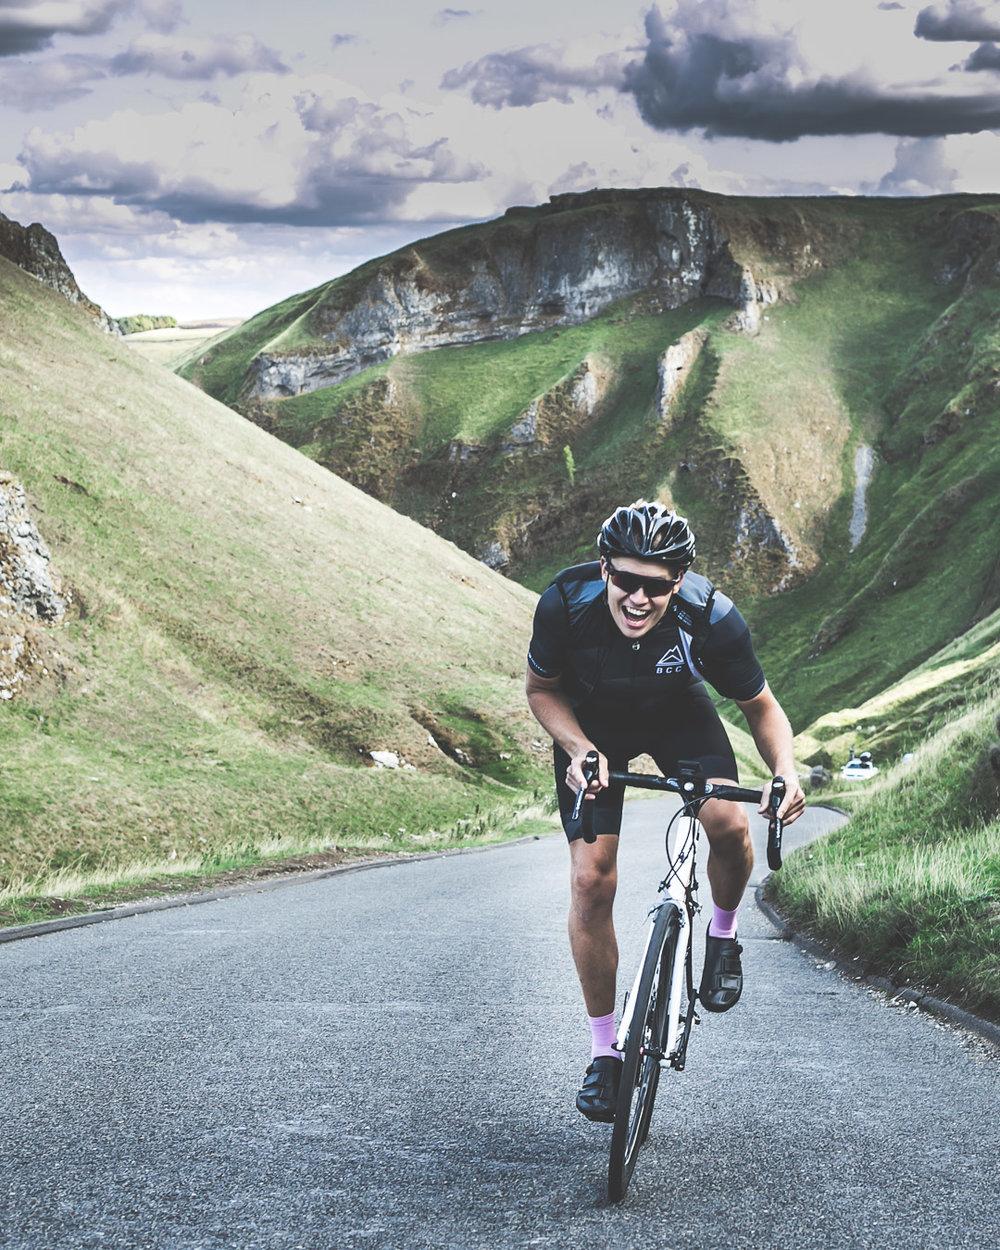 Cycling_Peaks (5 of 17).jpg